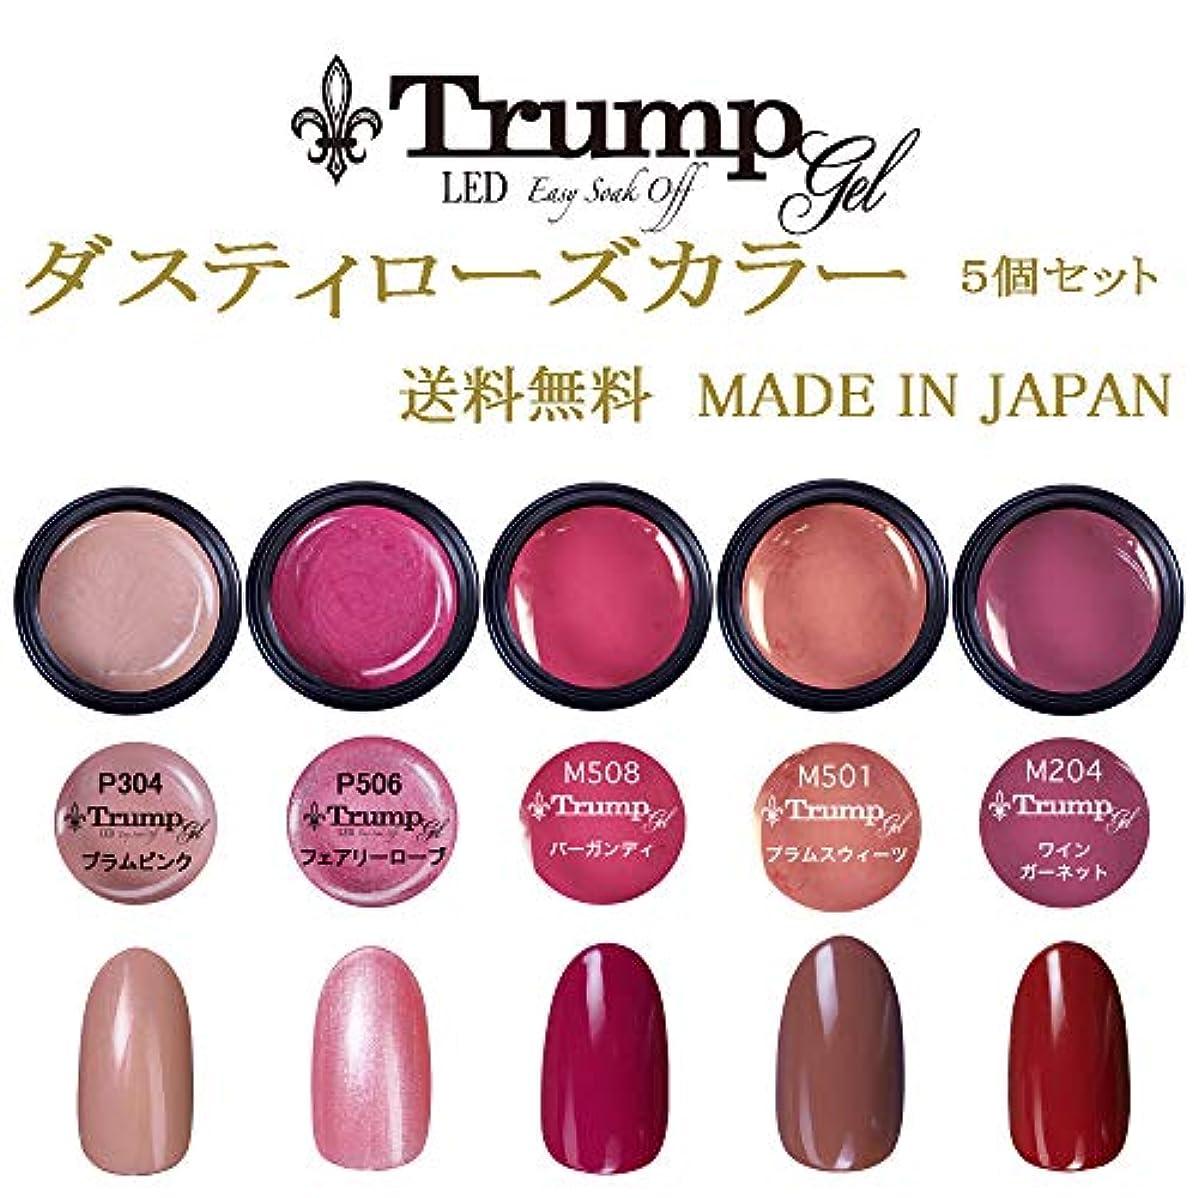 競争力のある船外アクセサリー【送料無料】日本製 Trump gel トランプジェル ダスティローズカラージェル 5個セット スタイリッシュでオシャレな 白べっ甲カラージェルセット